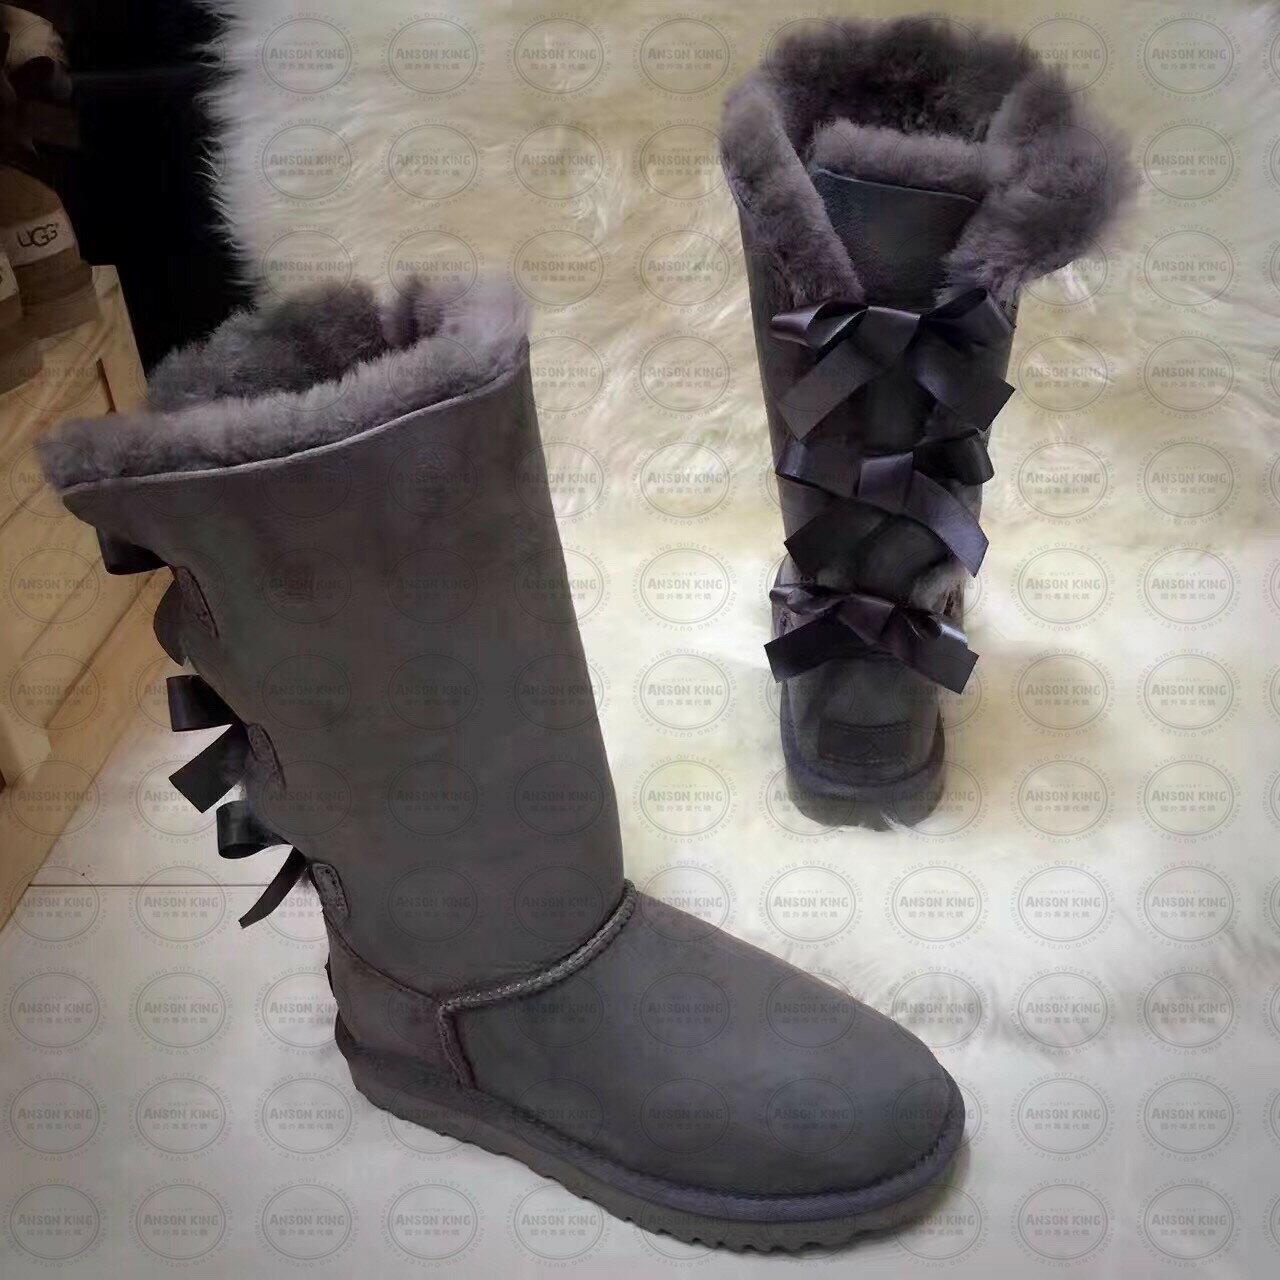 OUTLET正品代購 澳洲 UGG 一體女式絲帶蝴蝶結 保暖 真皮羊皮毛 雪靴 短靴 灰色 0